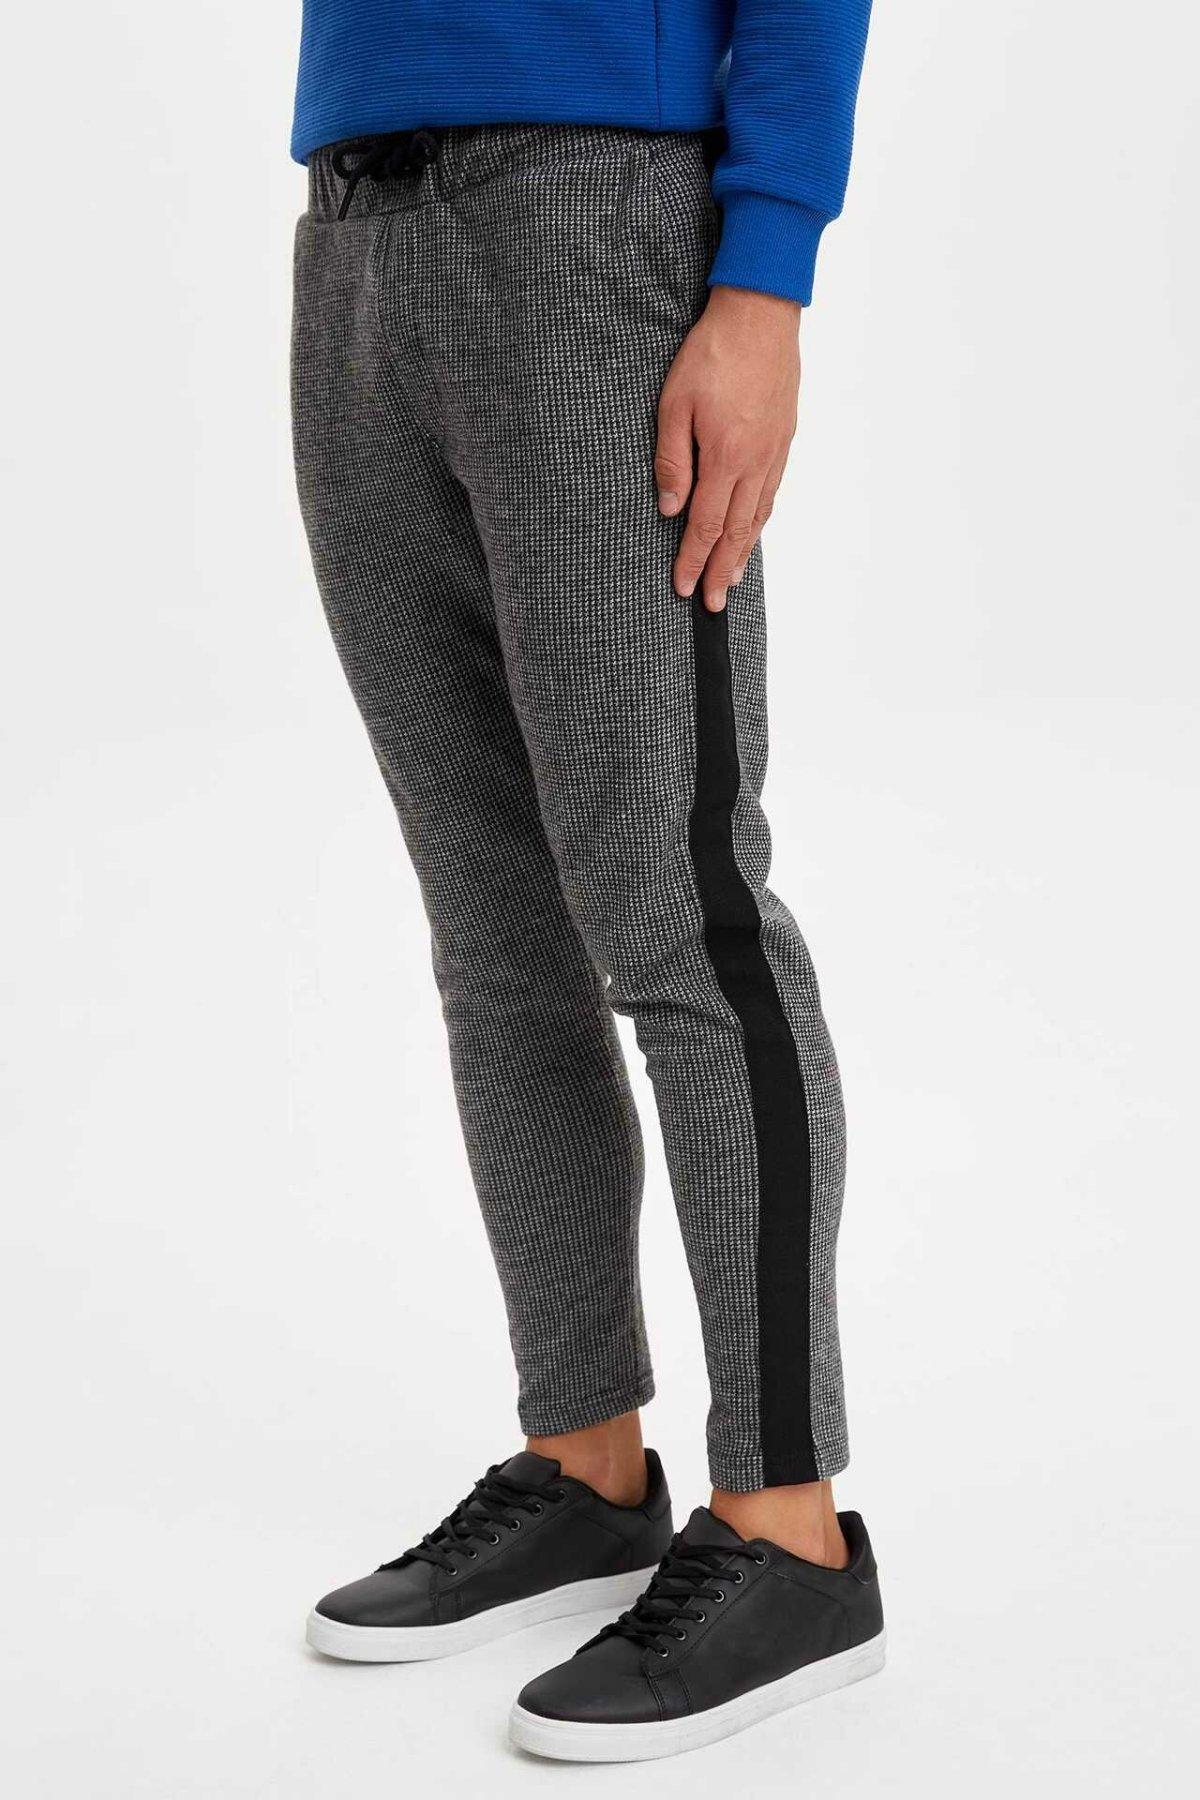 DeFacto Fashion Men's Sport Pant Men's Striped Casual Drawstring Pants Leisure Cotton Long Pants Sweatpants Male - L2900AZ19WN